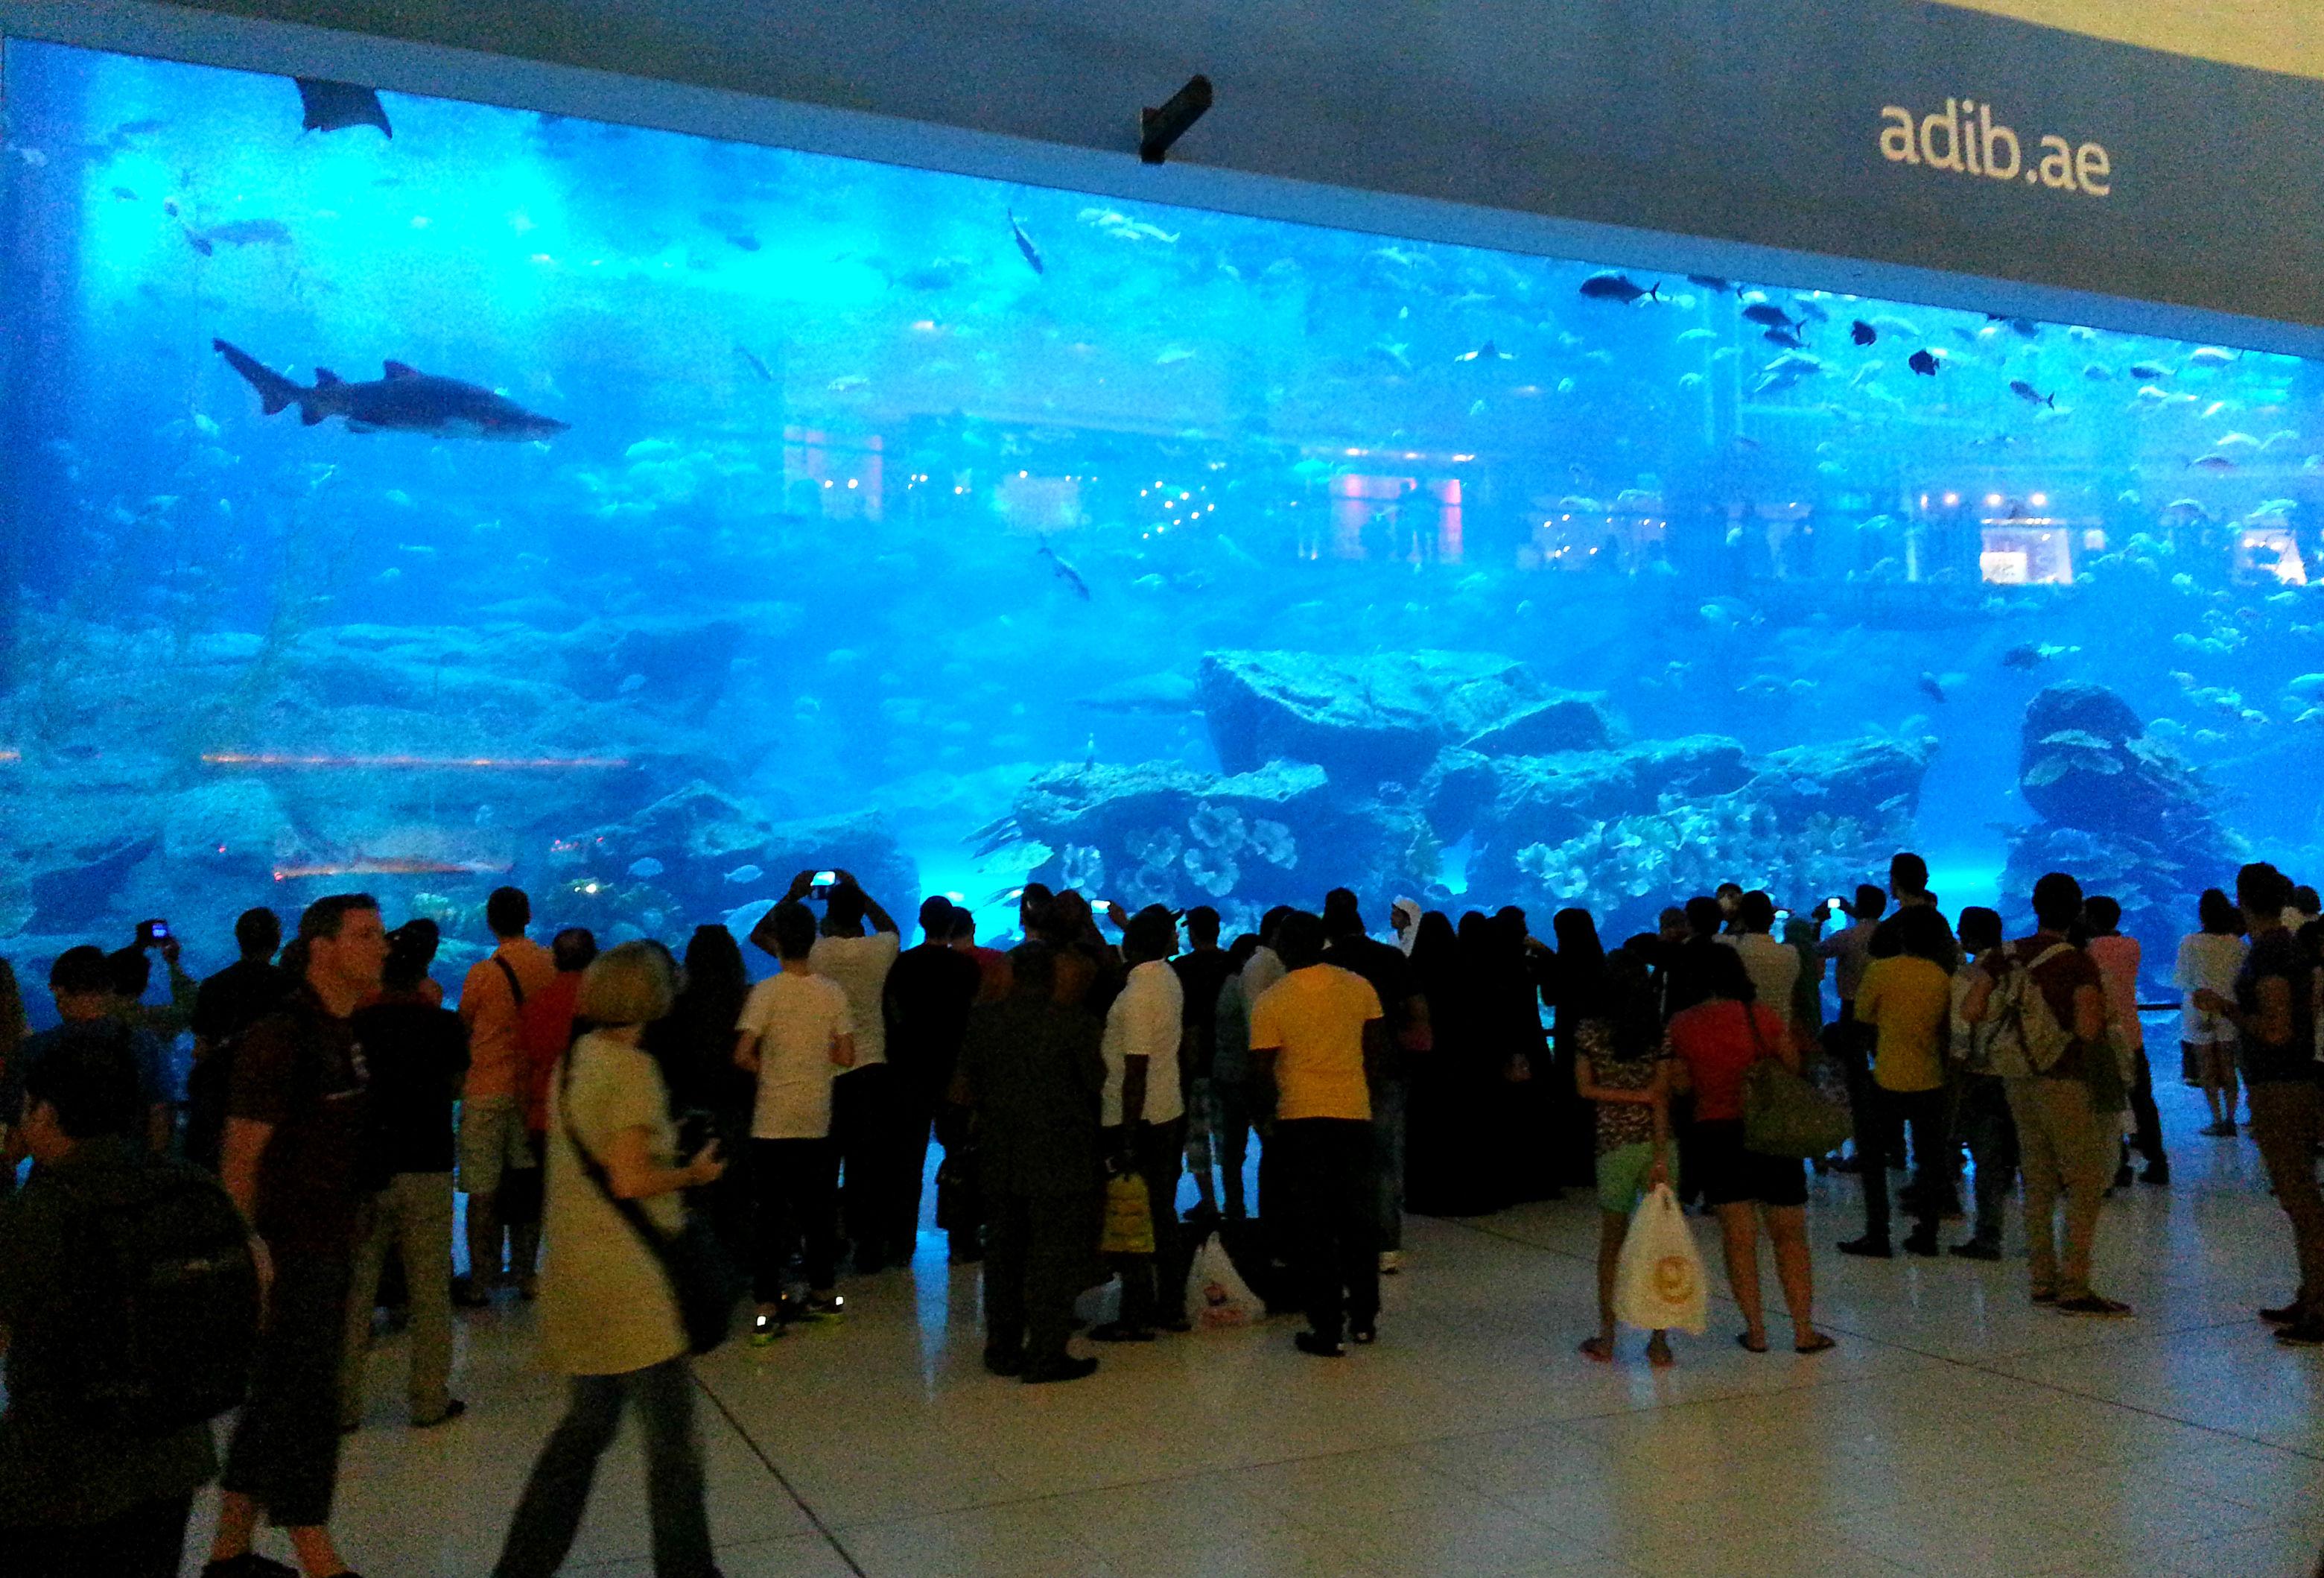 Fish aquarium wiki - Dubai Mall Aquarium